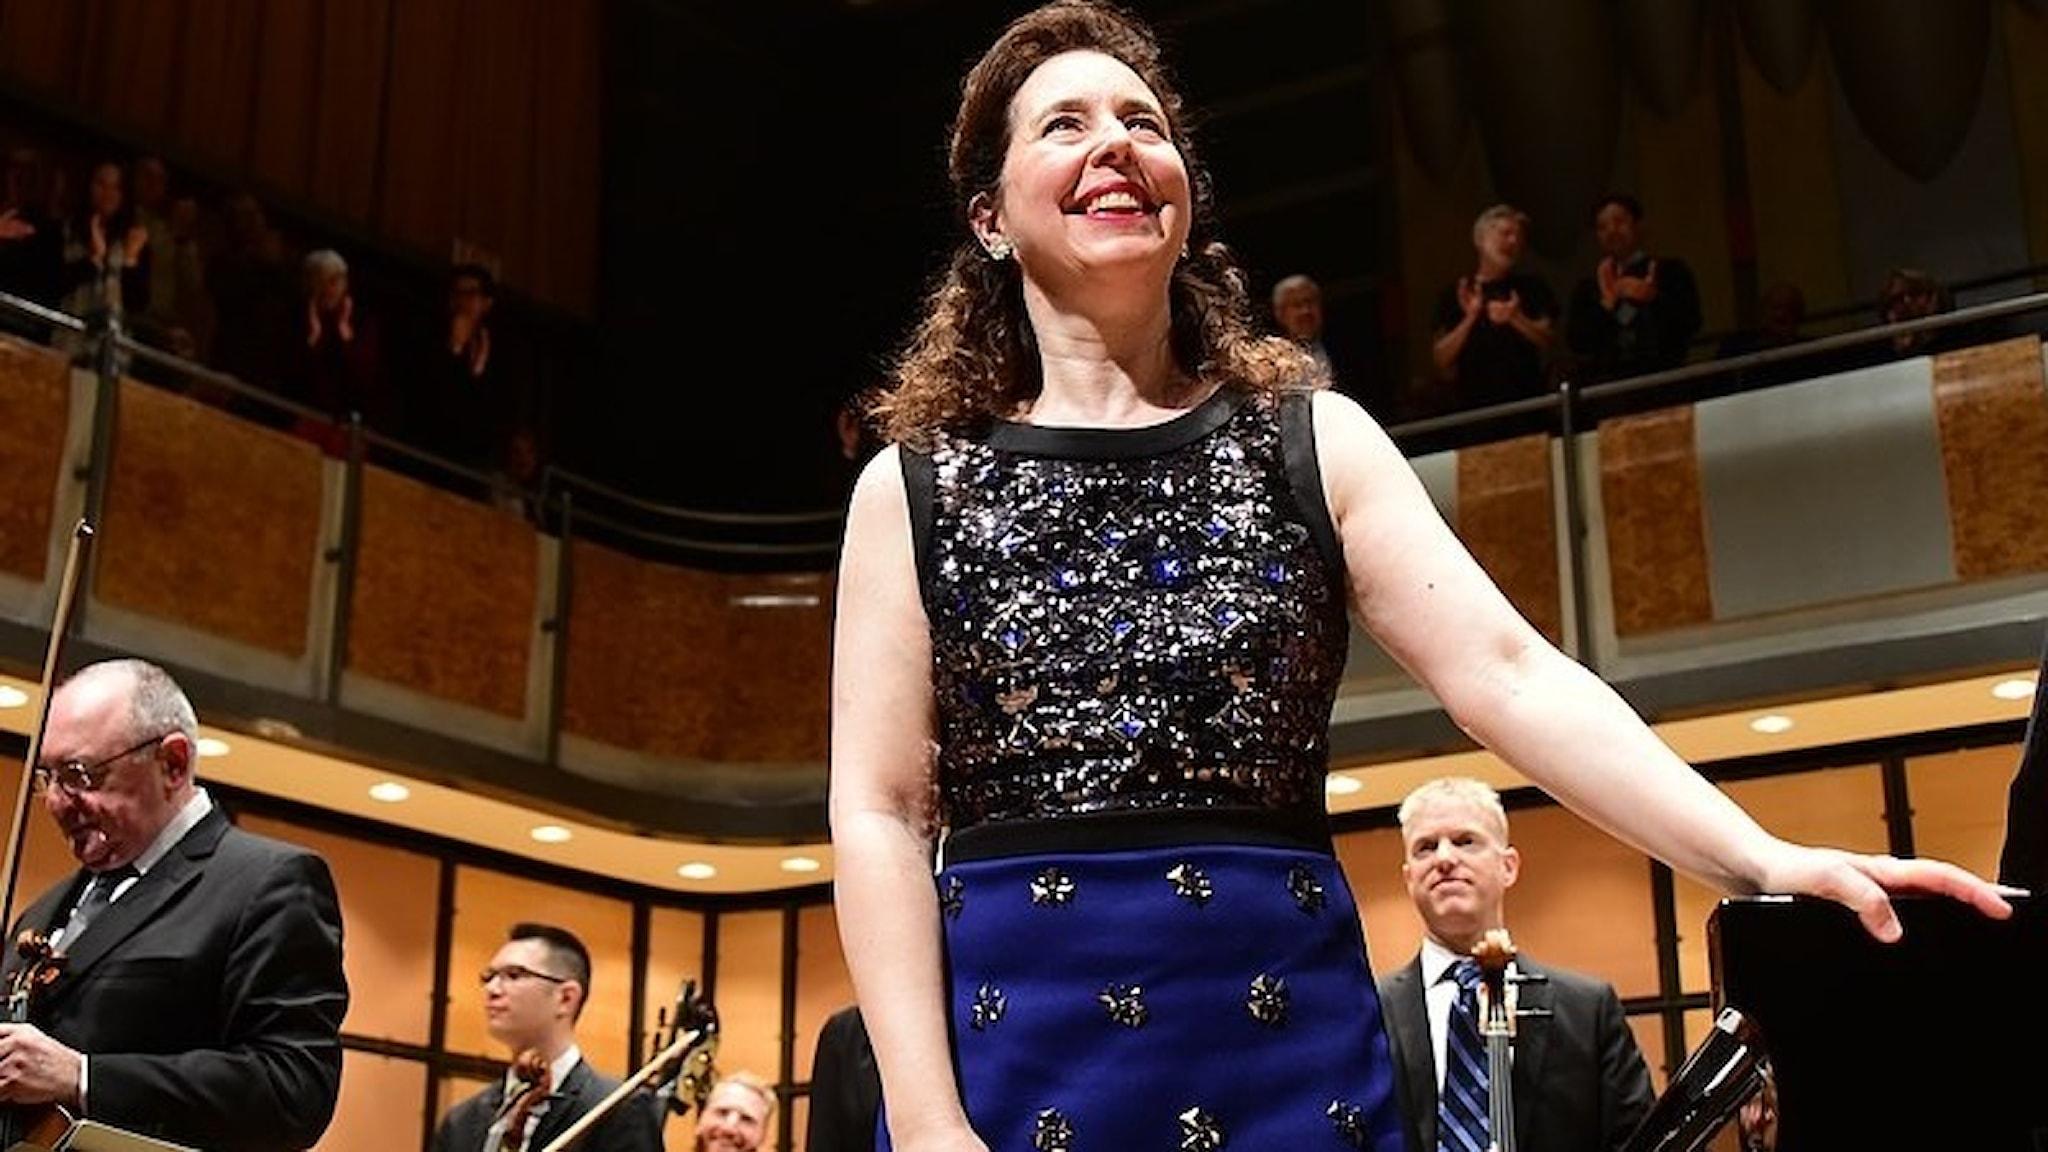 Pianisten Angela Hewit står vid flygel och tar emot applåder.